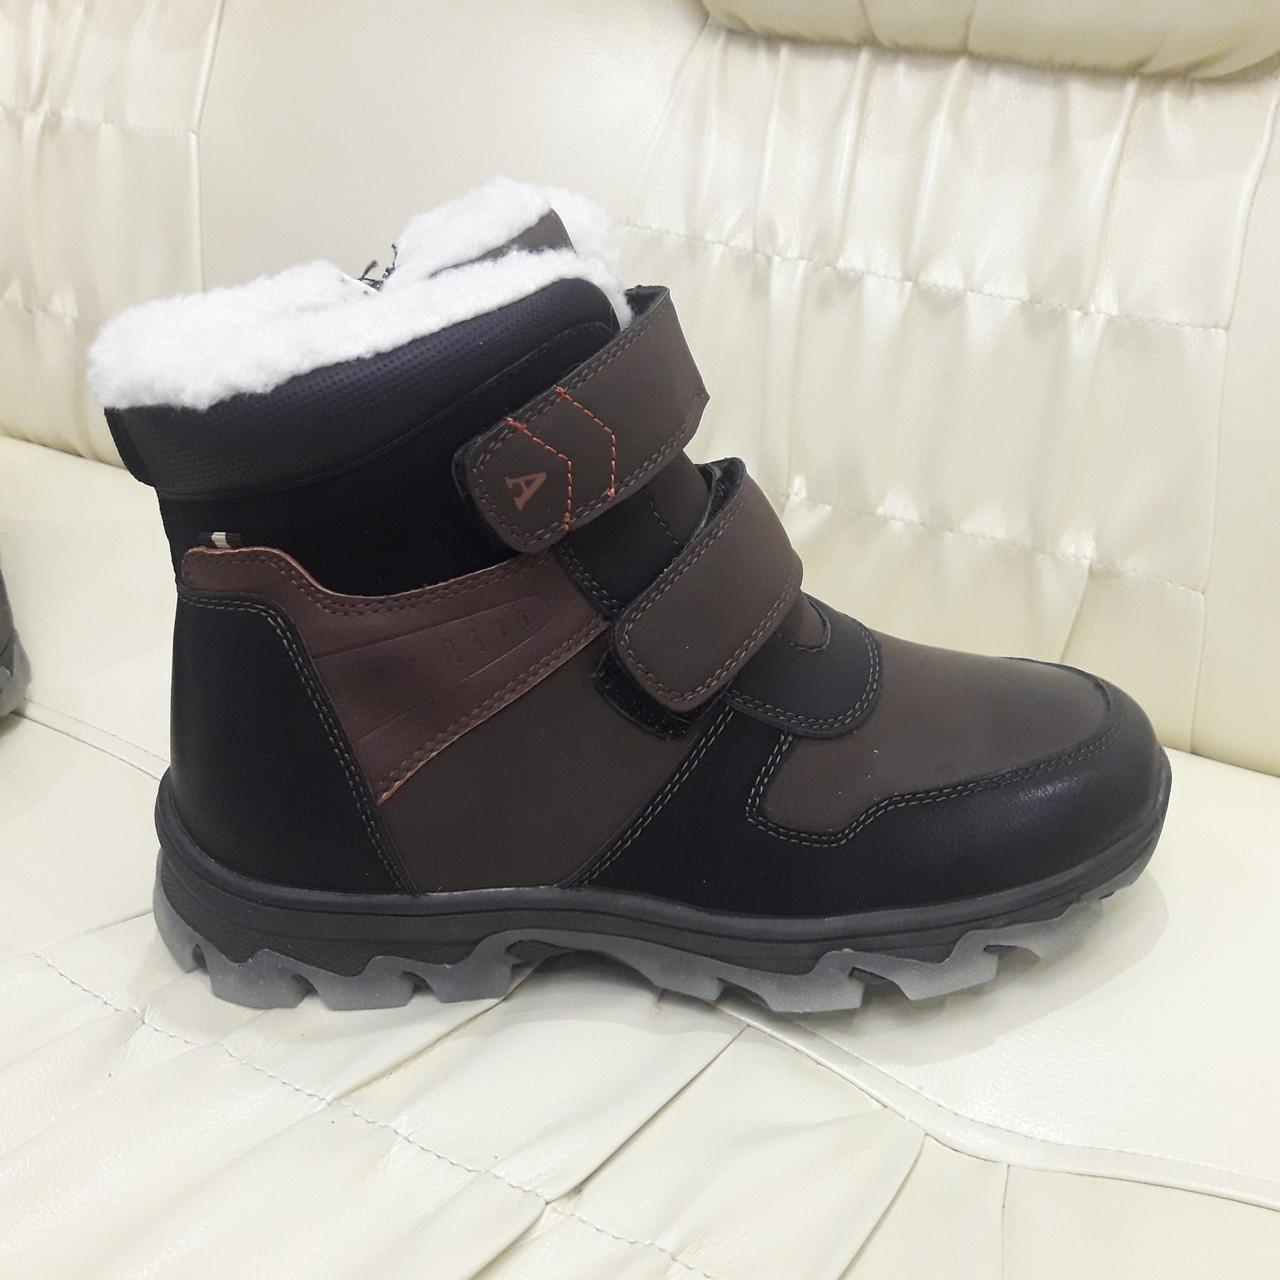 Ботинки кроссовки зимние подростковые размеры 35 для мальчика